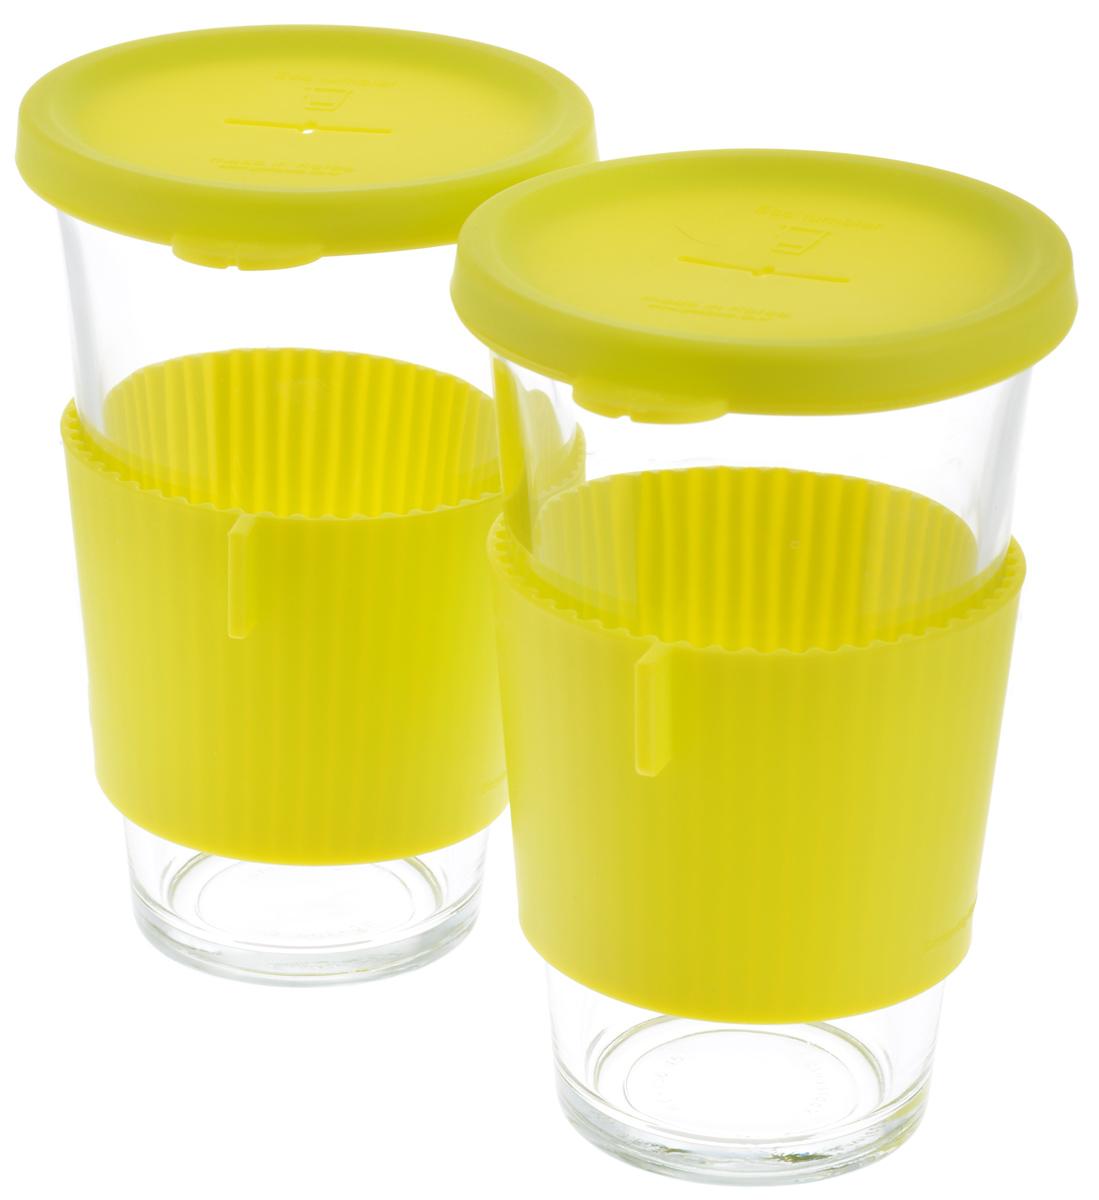 Набор стаканов Glasslock, цвет: прозрачный, салатовый, 500 мл, 2 штGL-1364Набор Glasslock, изготовленный из высококачественного термостойкого стекла, состоит из двух стаканов и двух силиконовых крышек. Крышка имеет отверстие для подвешивания пакетика чая. В таком стакане лучше всего заваривать чай и другие оздоровительные напитки. Изделие имеет силиконовый держатель, для предохранения рук от высокой температуры напитка.Стакан Glasslock можно комфортно использовать на работе или в офисе, также взять с собой в путешествие, чтобы ваш любимый чай был всегда с вами. Можно мыть в посудомоечной машине и использовать в микроволновой печи. Стаканы для хранения напитков в холодильнике и морозильной камере. Не использовать в духовке.Диаметр стакана по верхнему краю: 9 см. Высота стакана (с учетом крышки): 15,5 см.